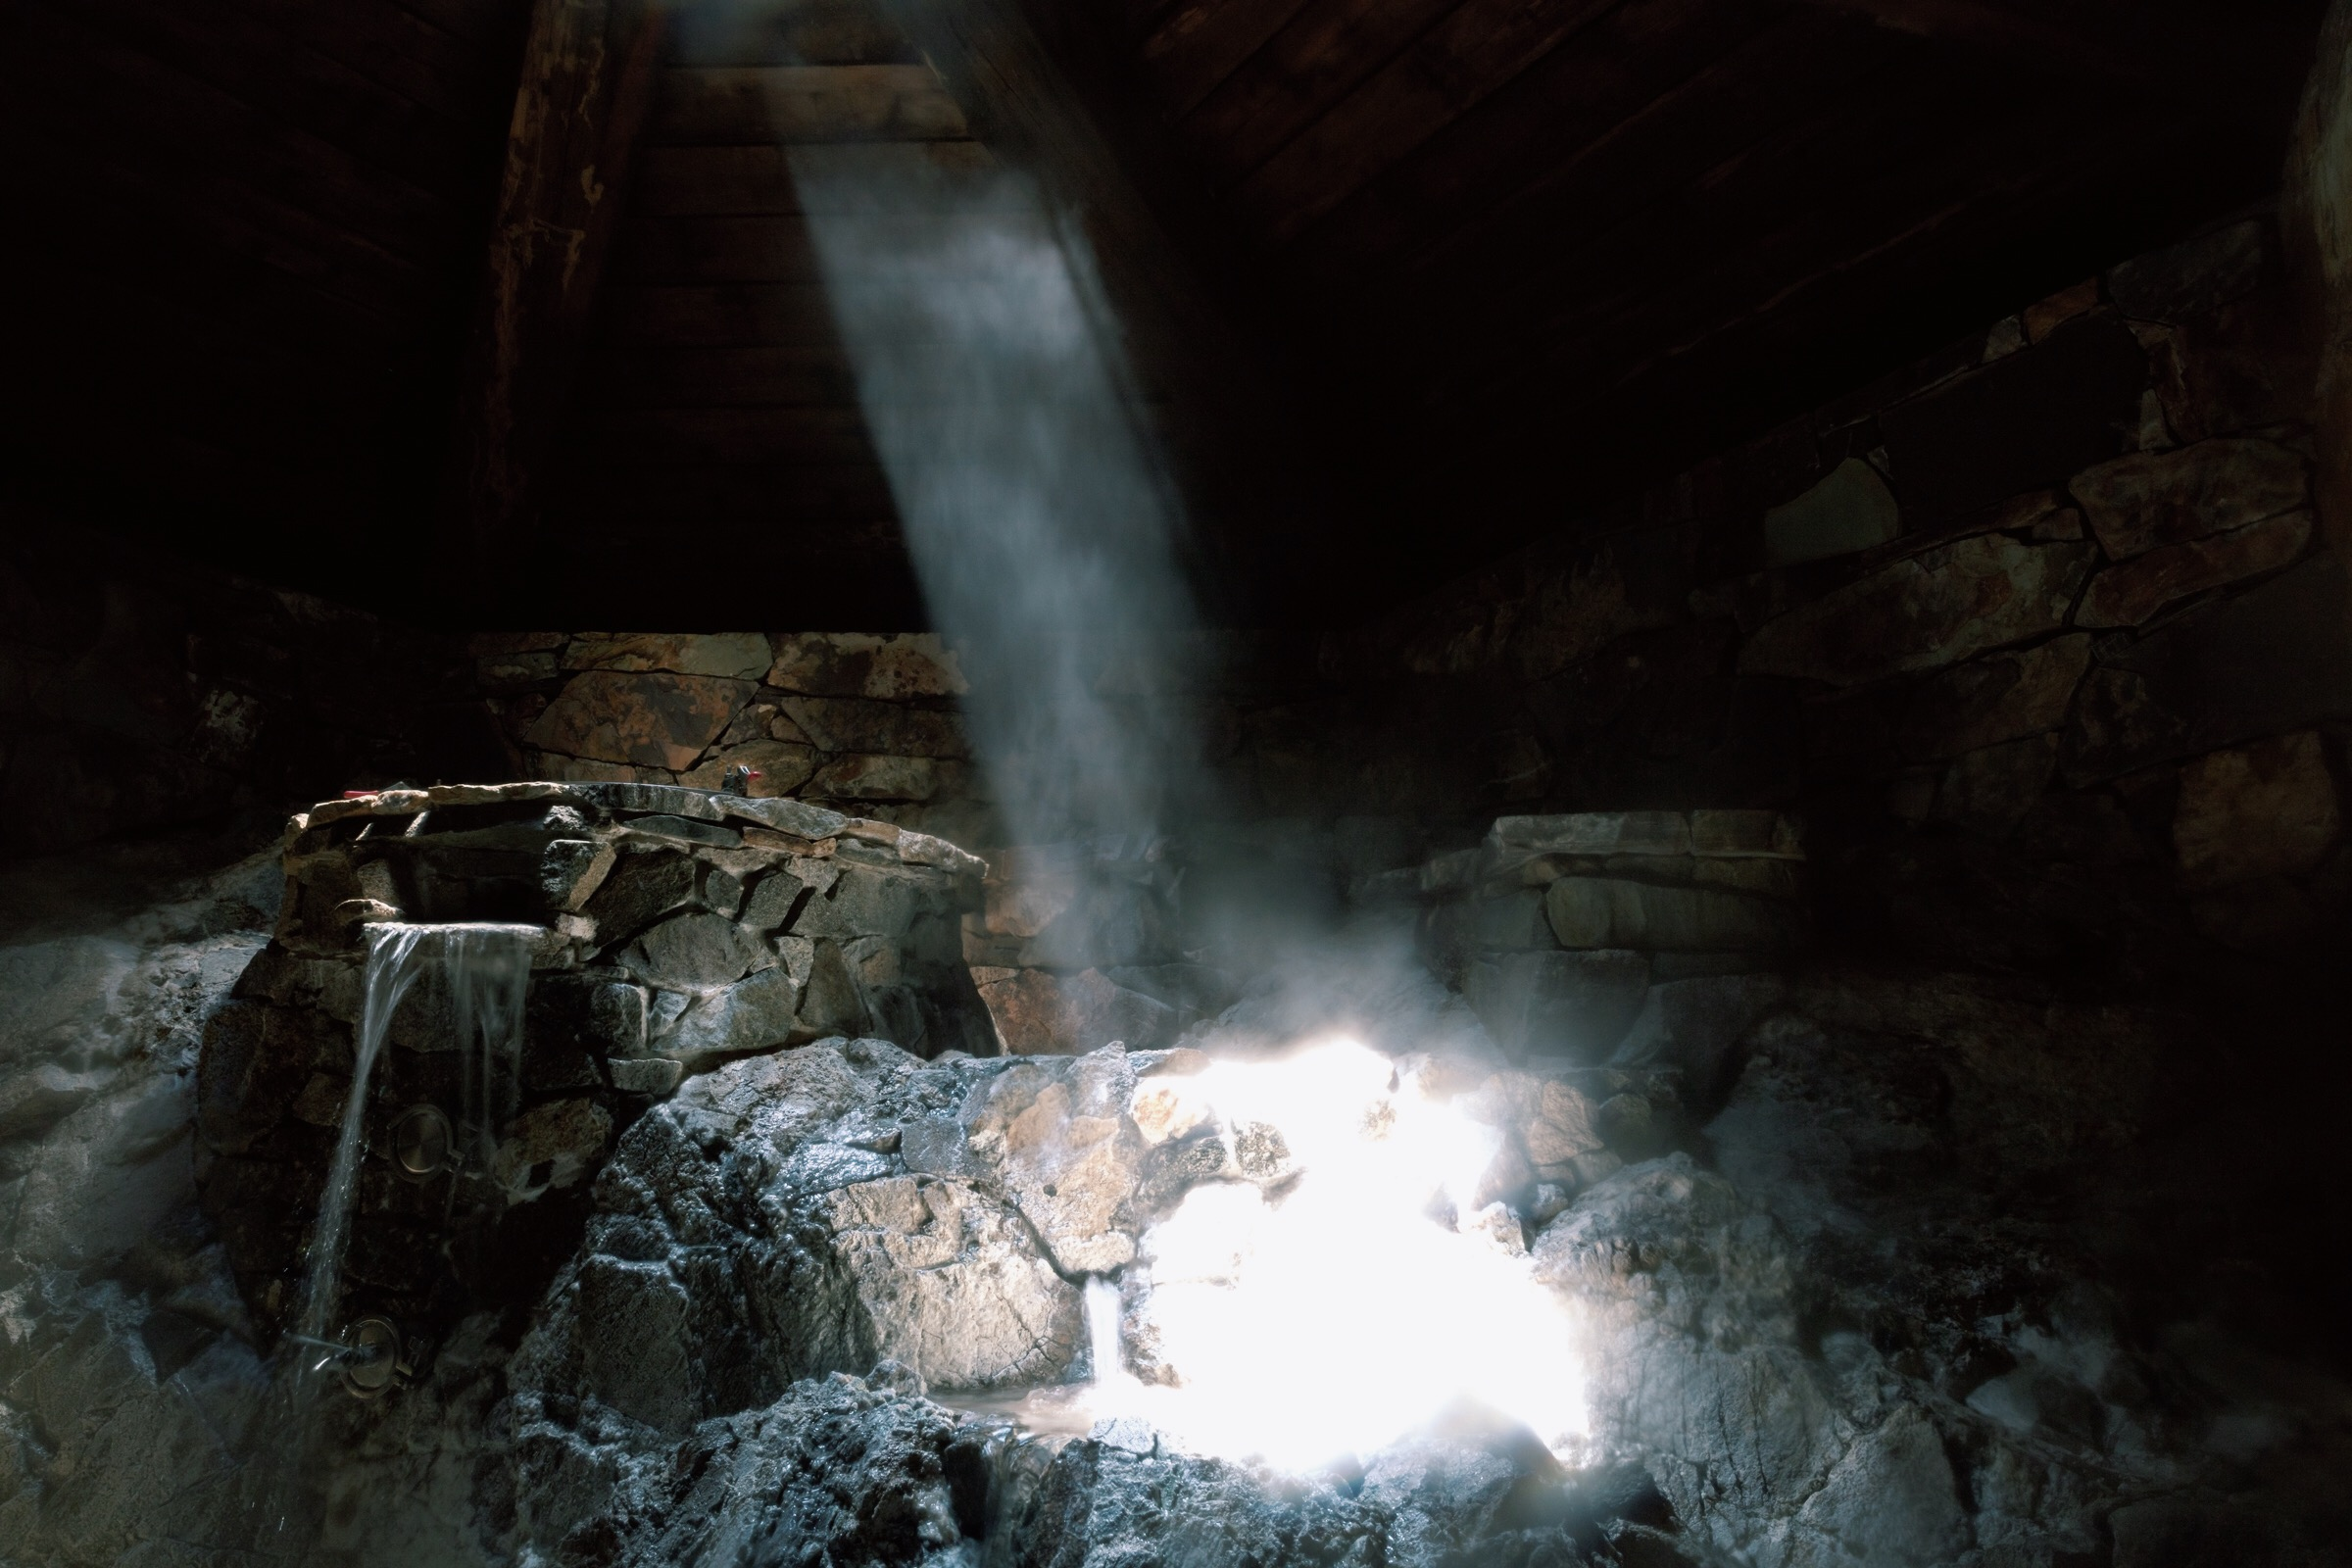 uwm.risingsprings.Rising Springs Source2.JPG